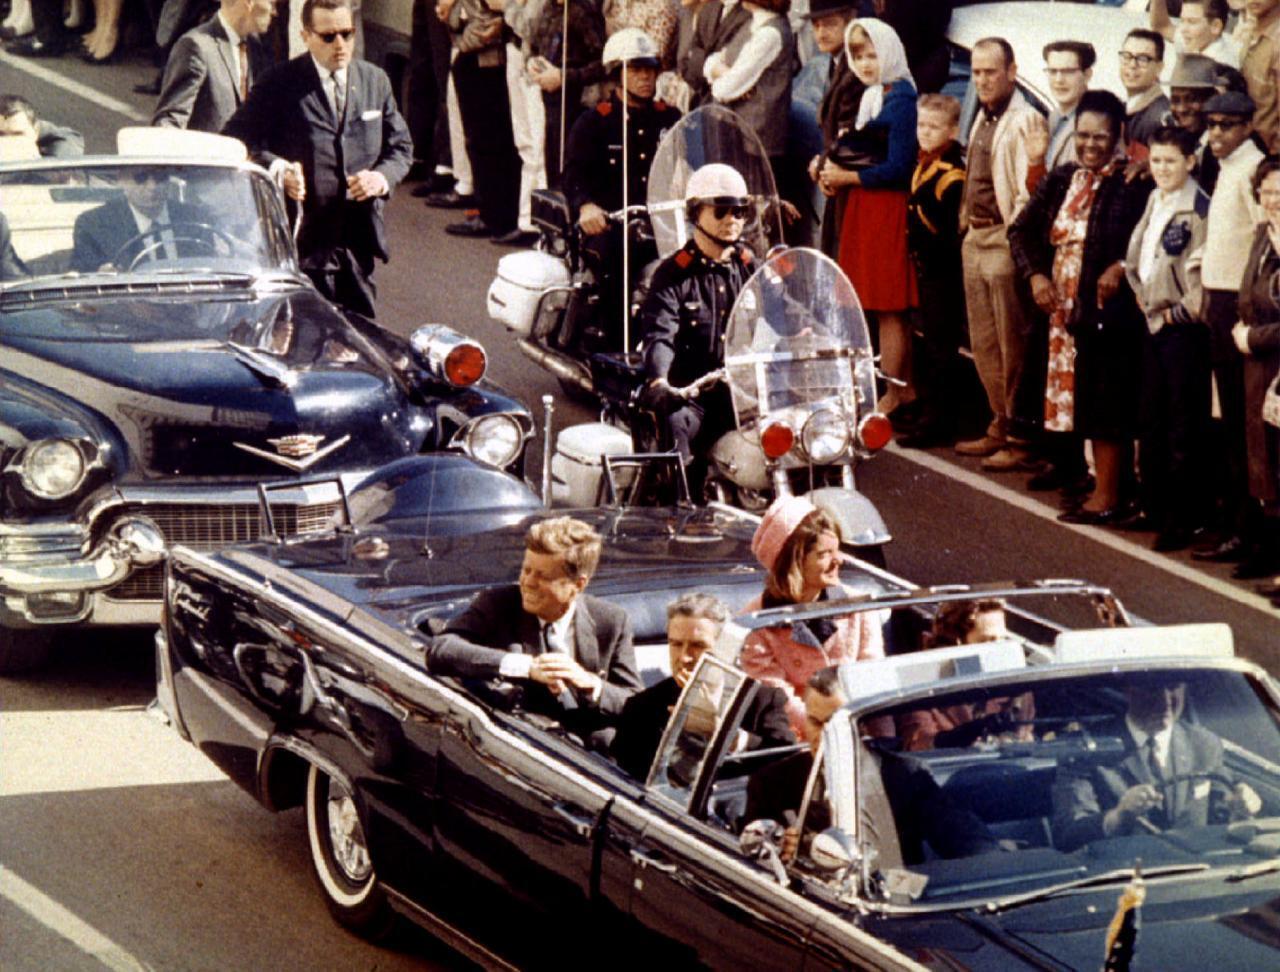 Tổng thống Mỹ John F. Kennedy, đệ nhất phu nhân Jaqueline Kennedy và thống đốc bang Texas John Connally trên chiếc xe limousin trước khi ông Kennedy bị ám sát tại Dallas, Texas, ngày 22/11/1963.